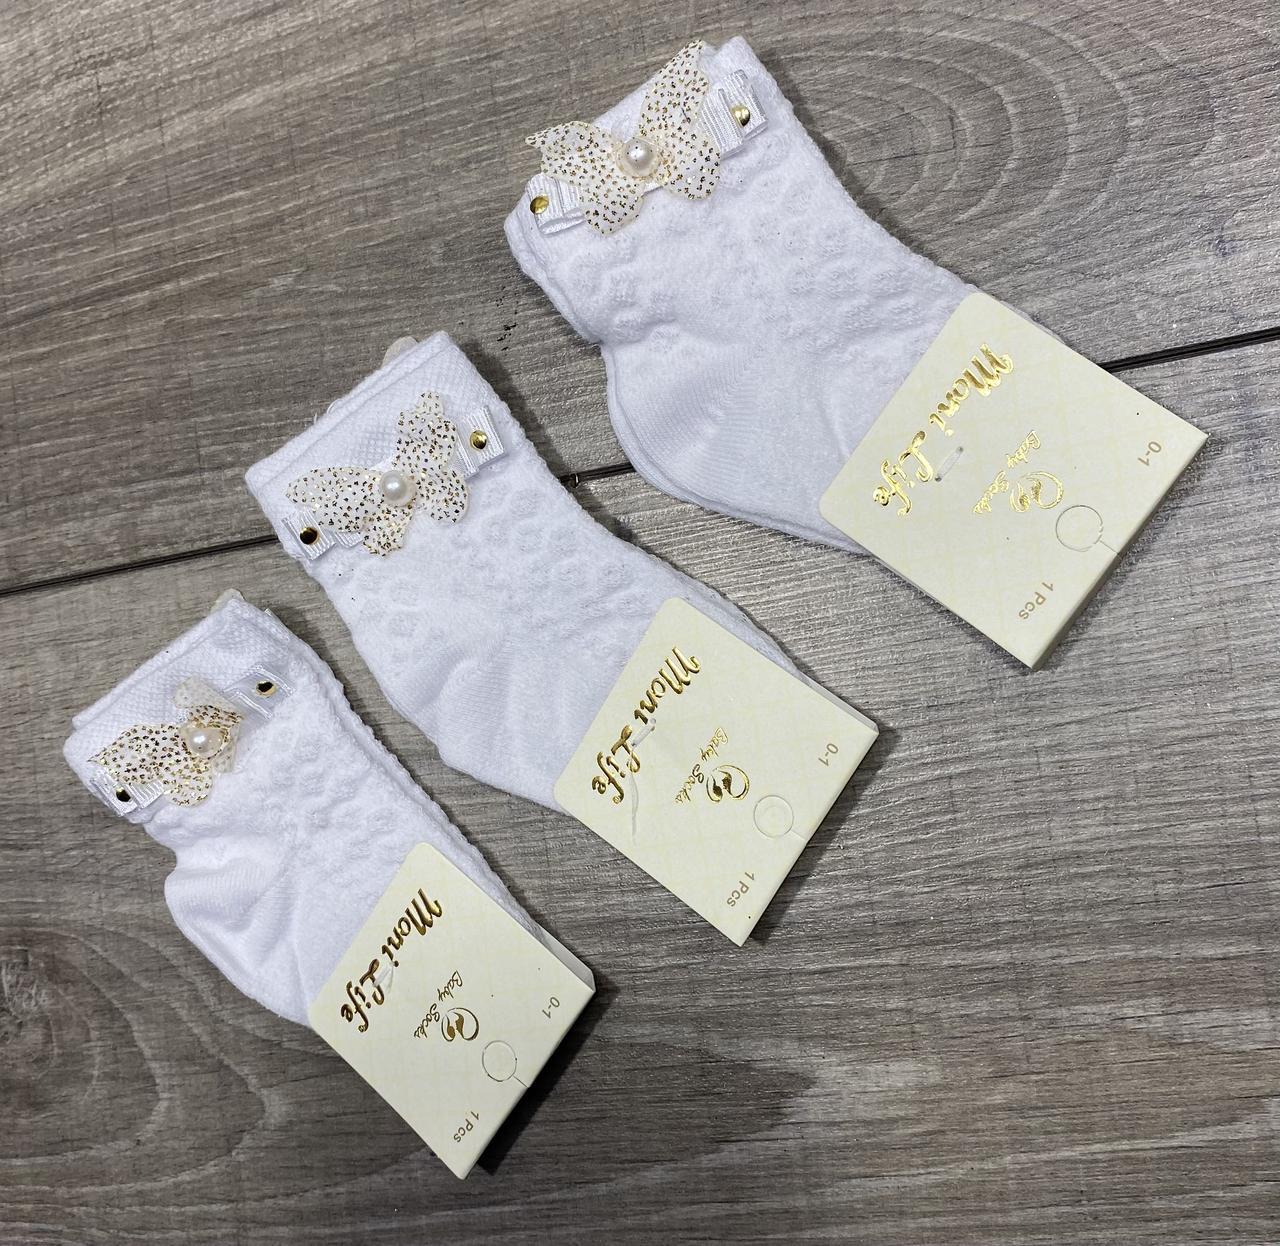 Дитячі шкарпетки середні Moni life білі з бантиками і намистинками бавовна для дівчаток 0, 1, 3 роки 12 шт в уп